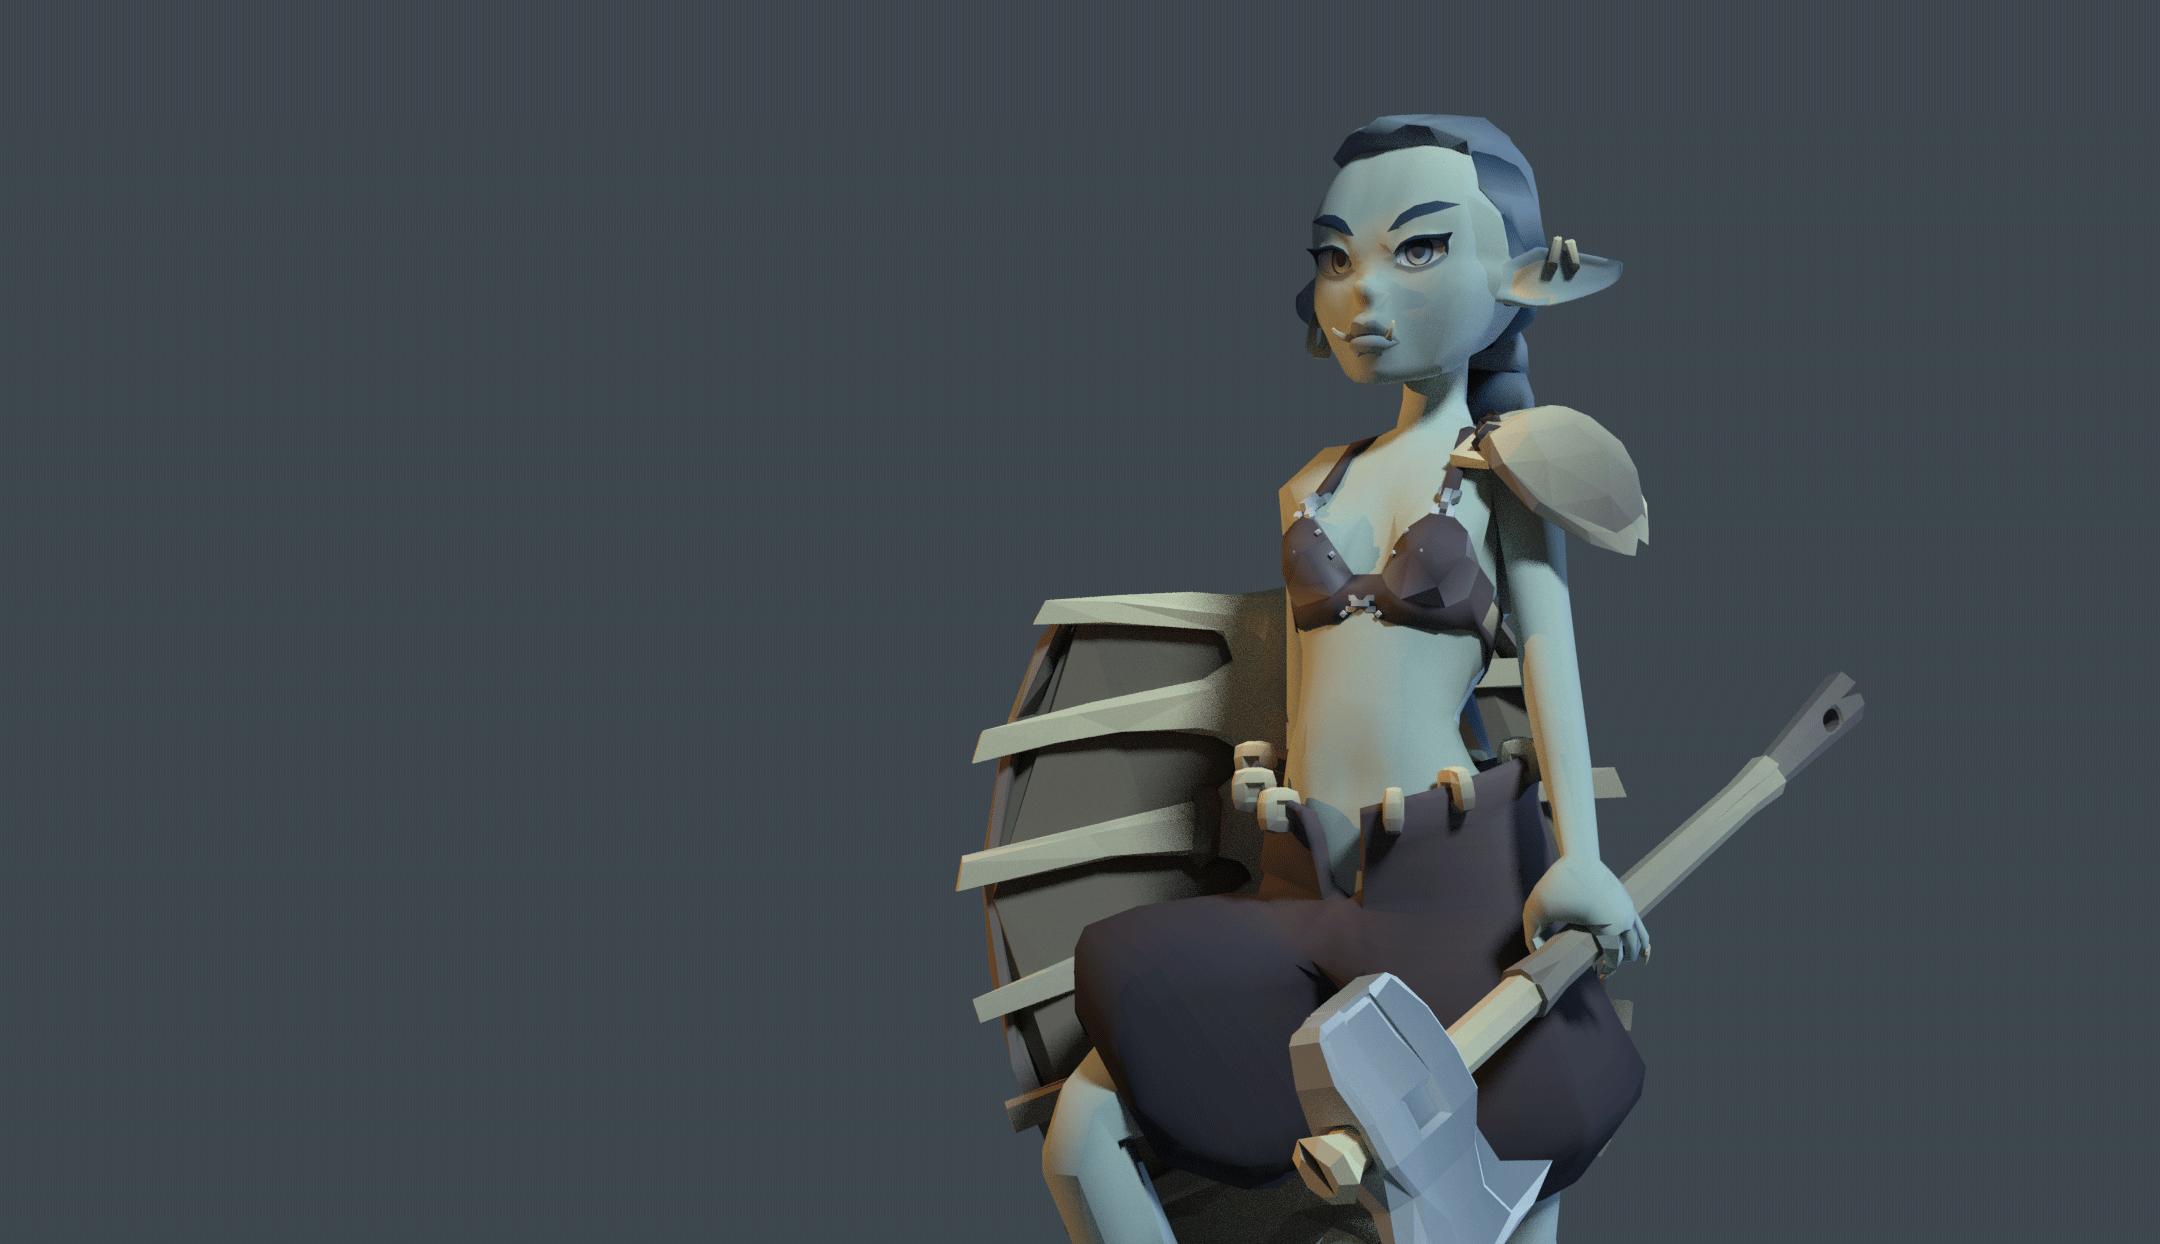 Little Goblin - Modular character project